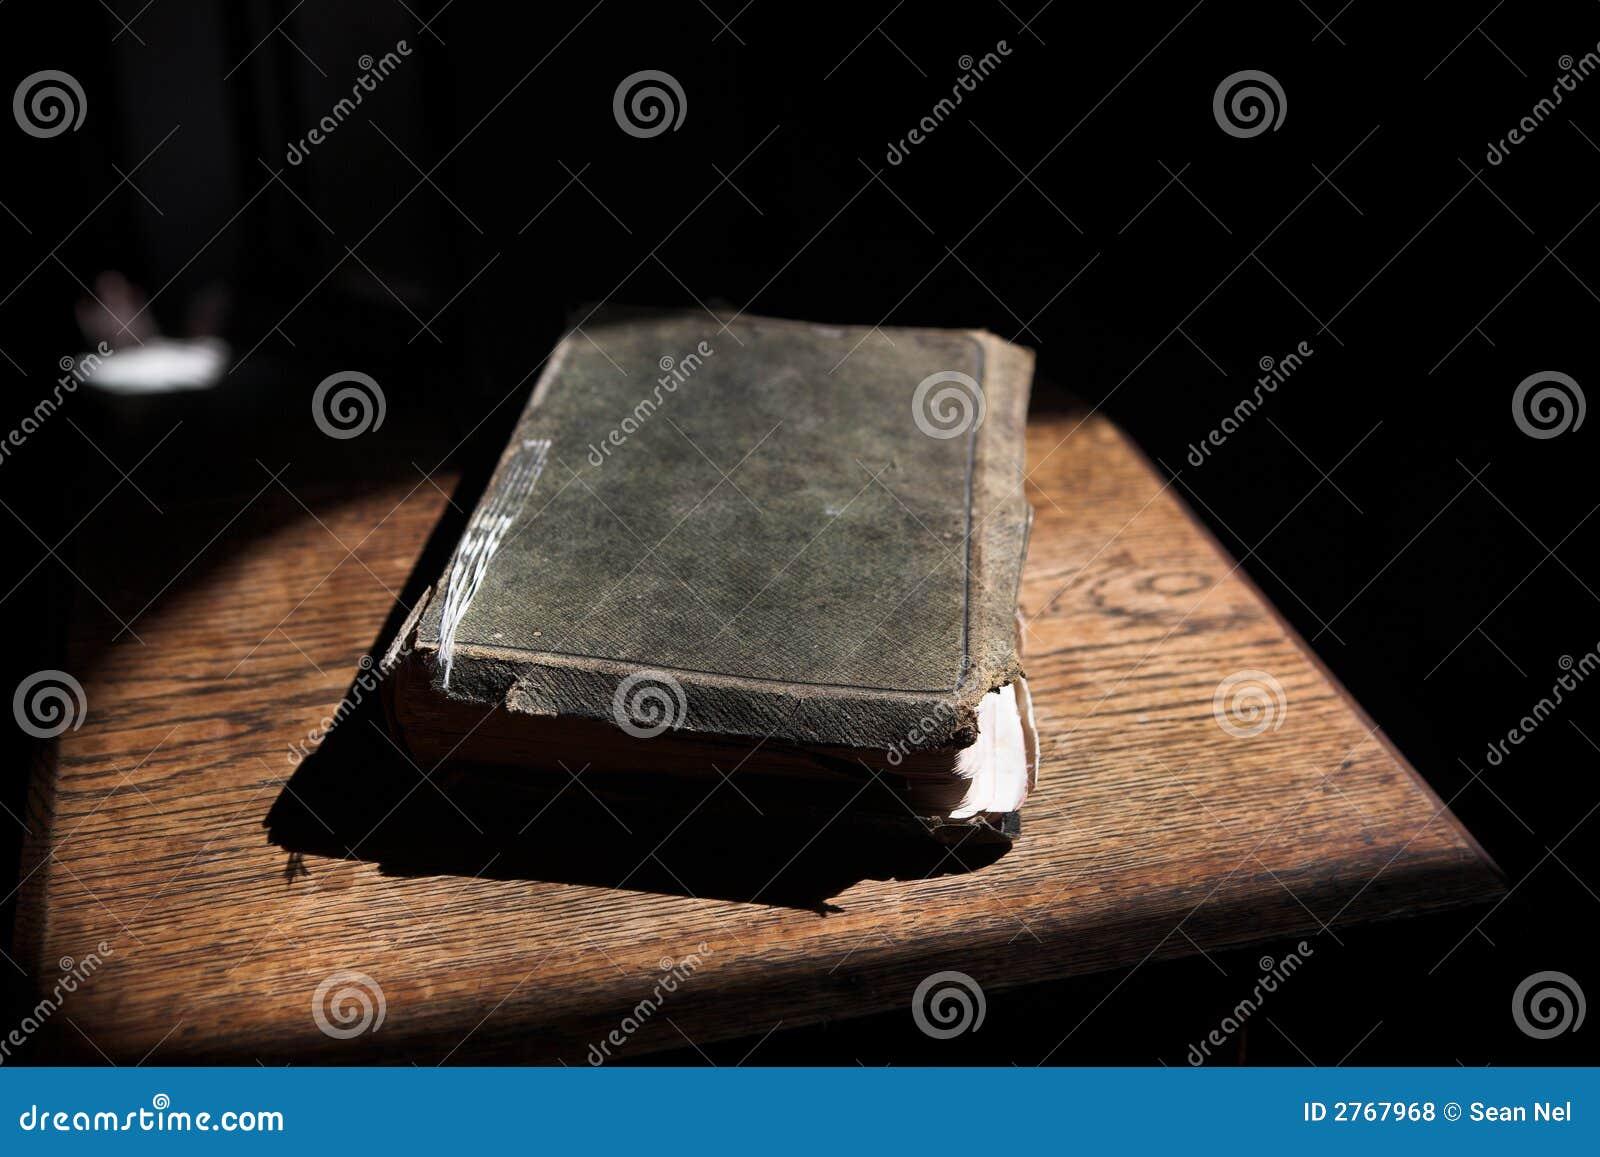 Leer behandelde bijbel